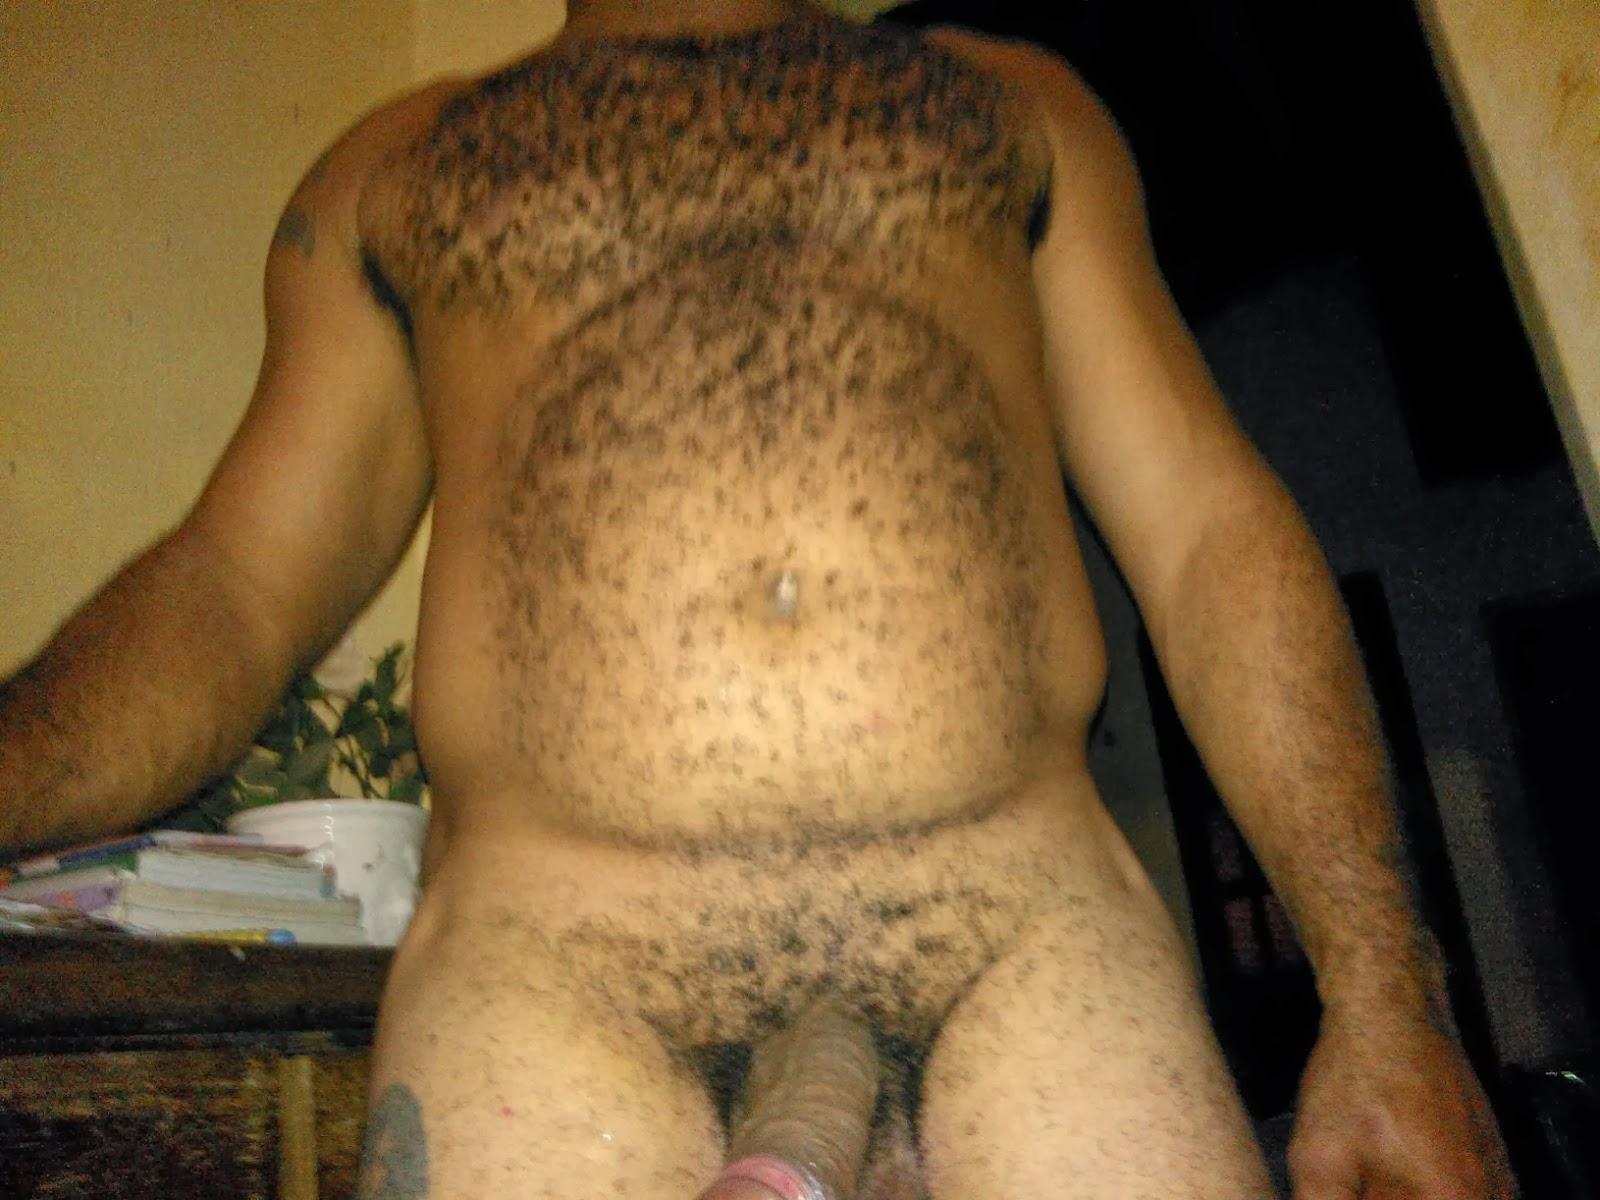 Pictures Maduros Fotos De Homens E Coroas Gay Metendo No C Filmvz